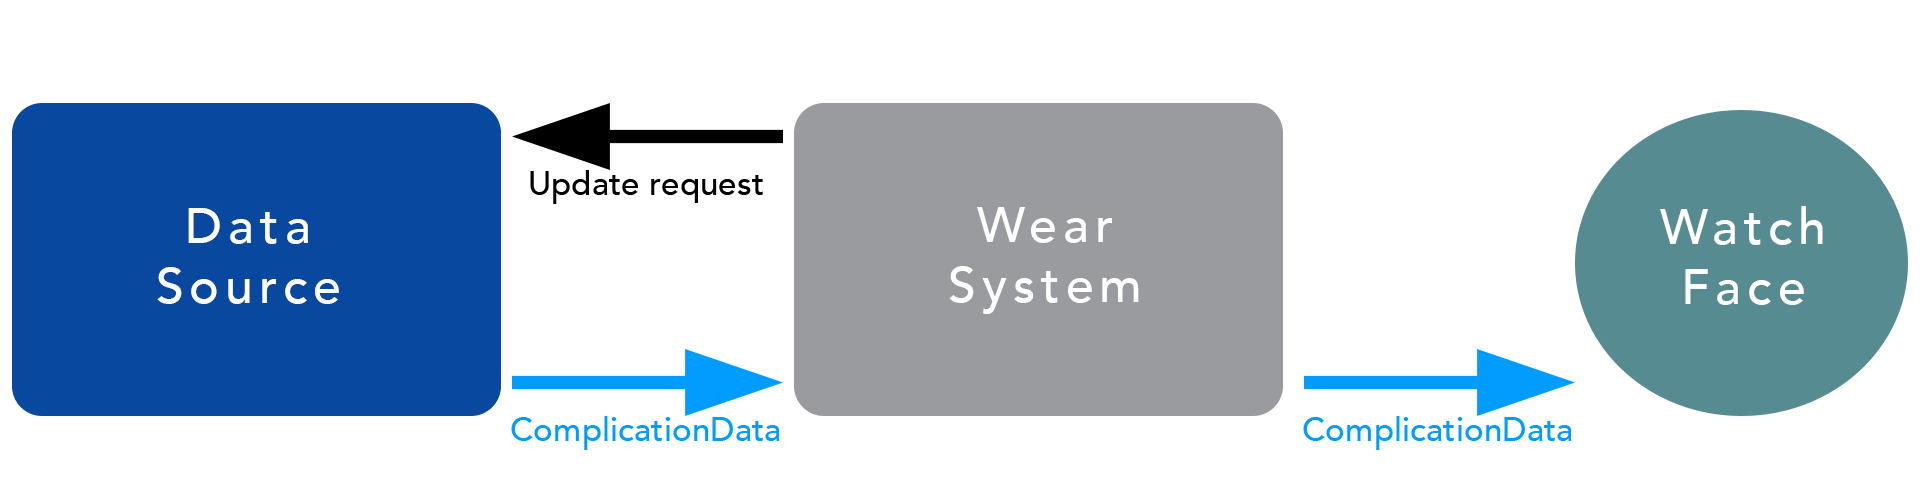 复杂功能数据流